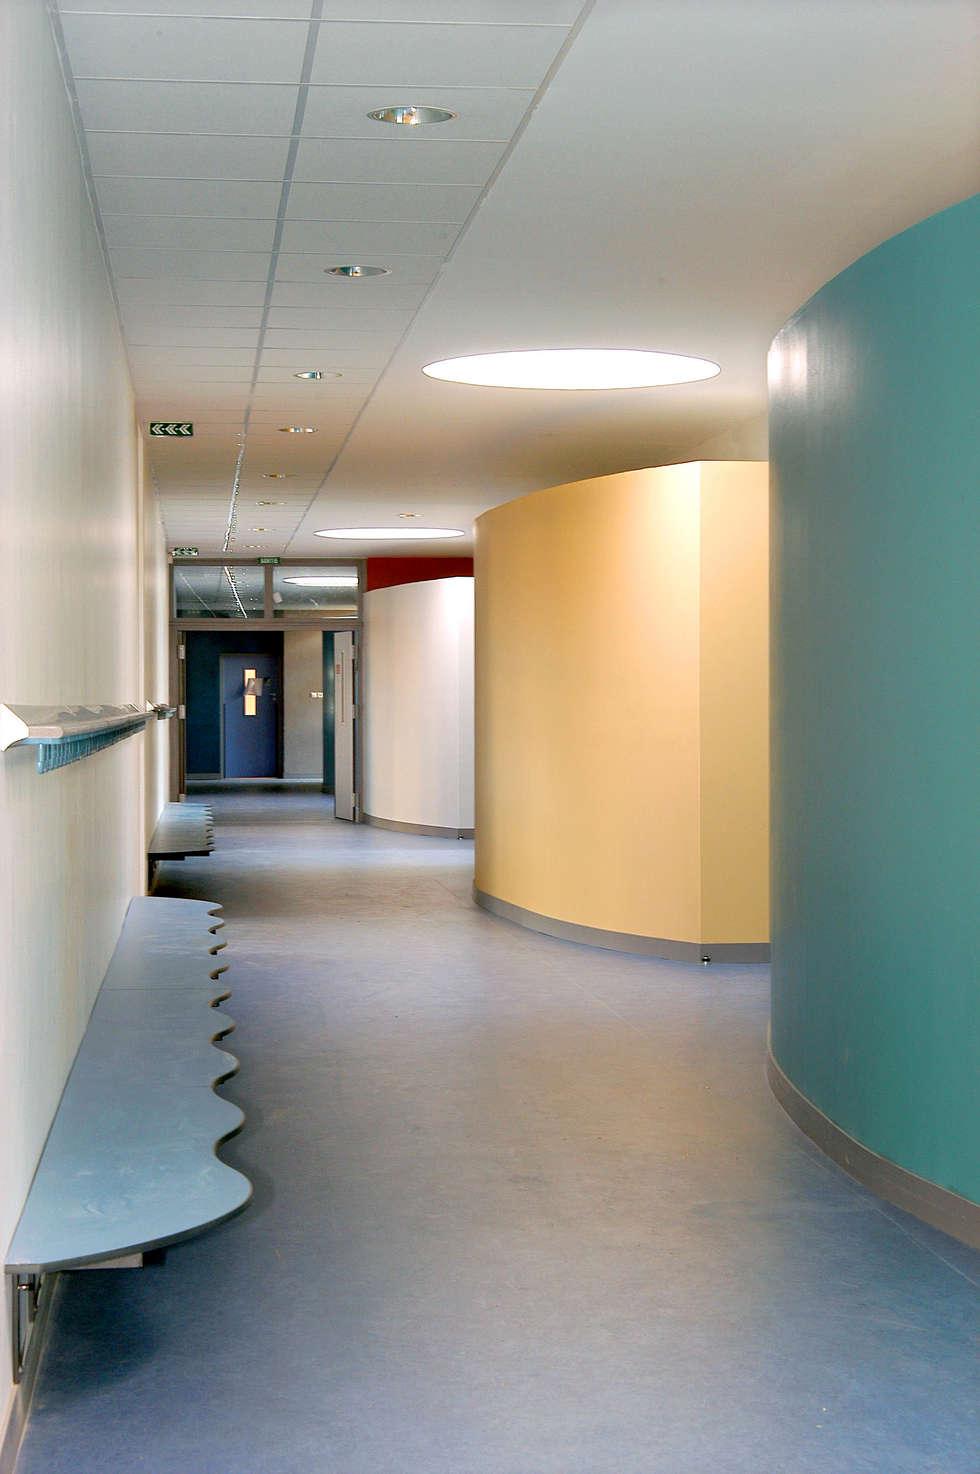 Groupe Scolaire Paul Bert: Ecoles de style  par ELIE CHAHINE ARCHITECTES